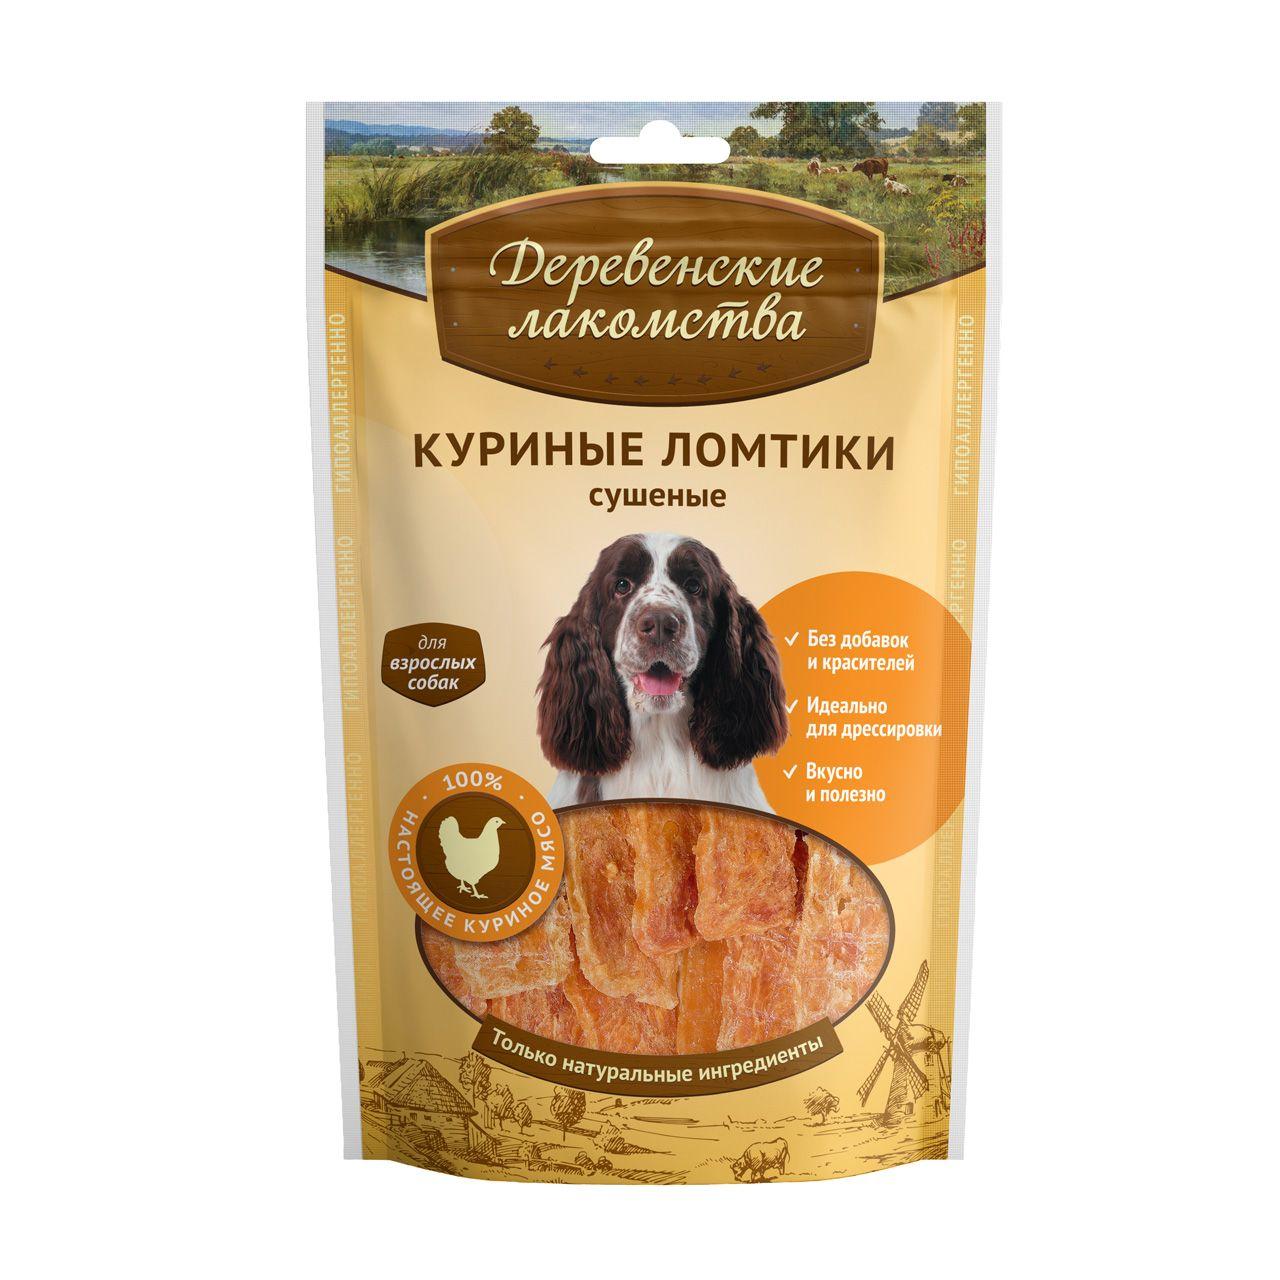 Куриные ломтики Деревенские лакомства сушеные для собак